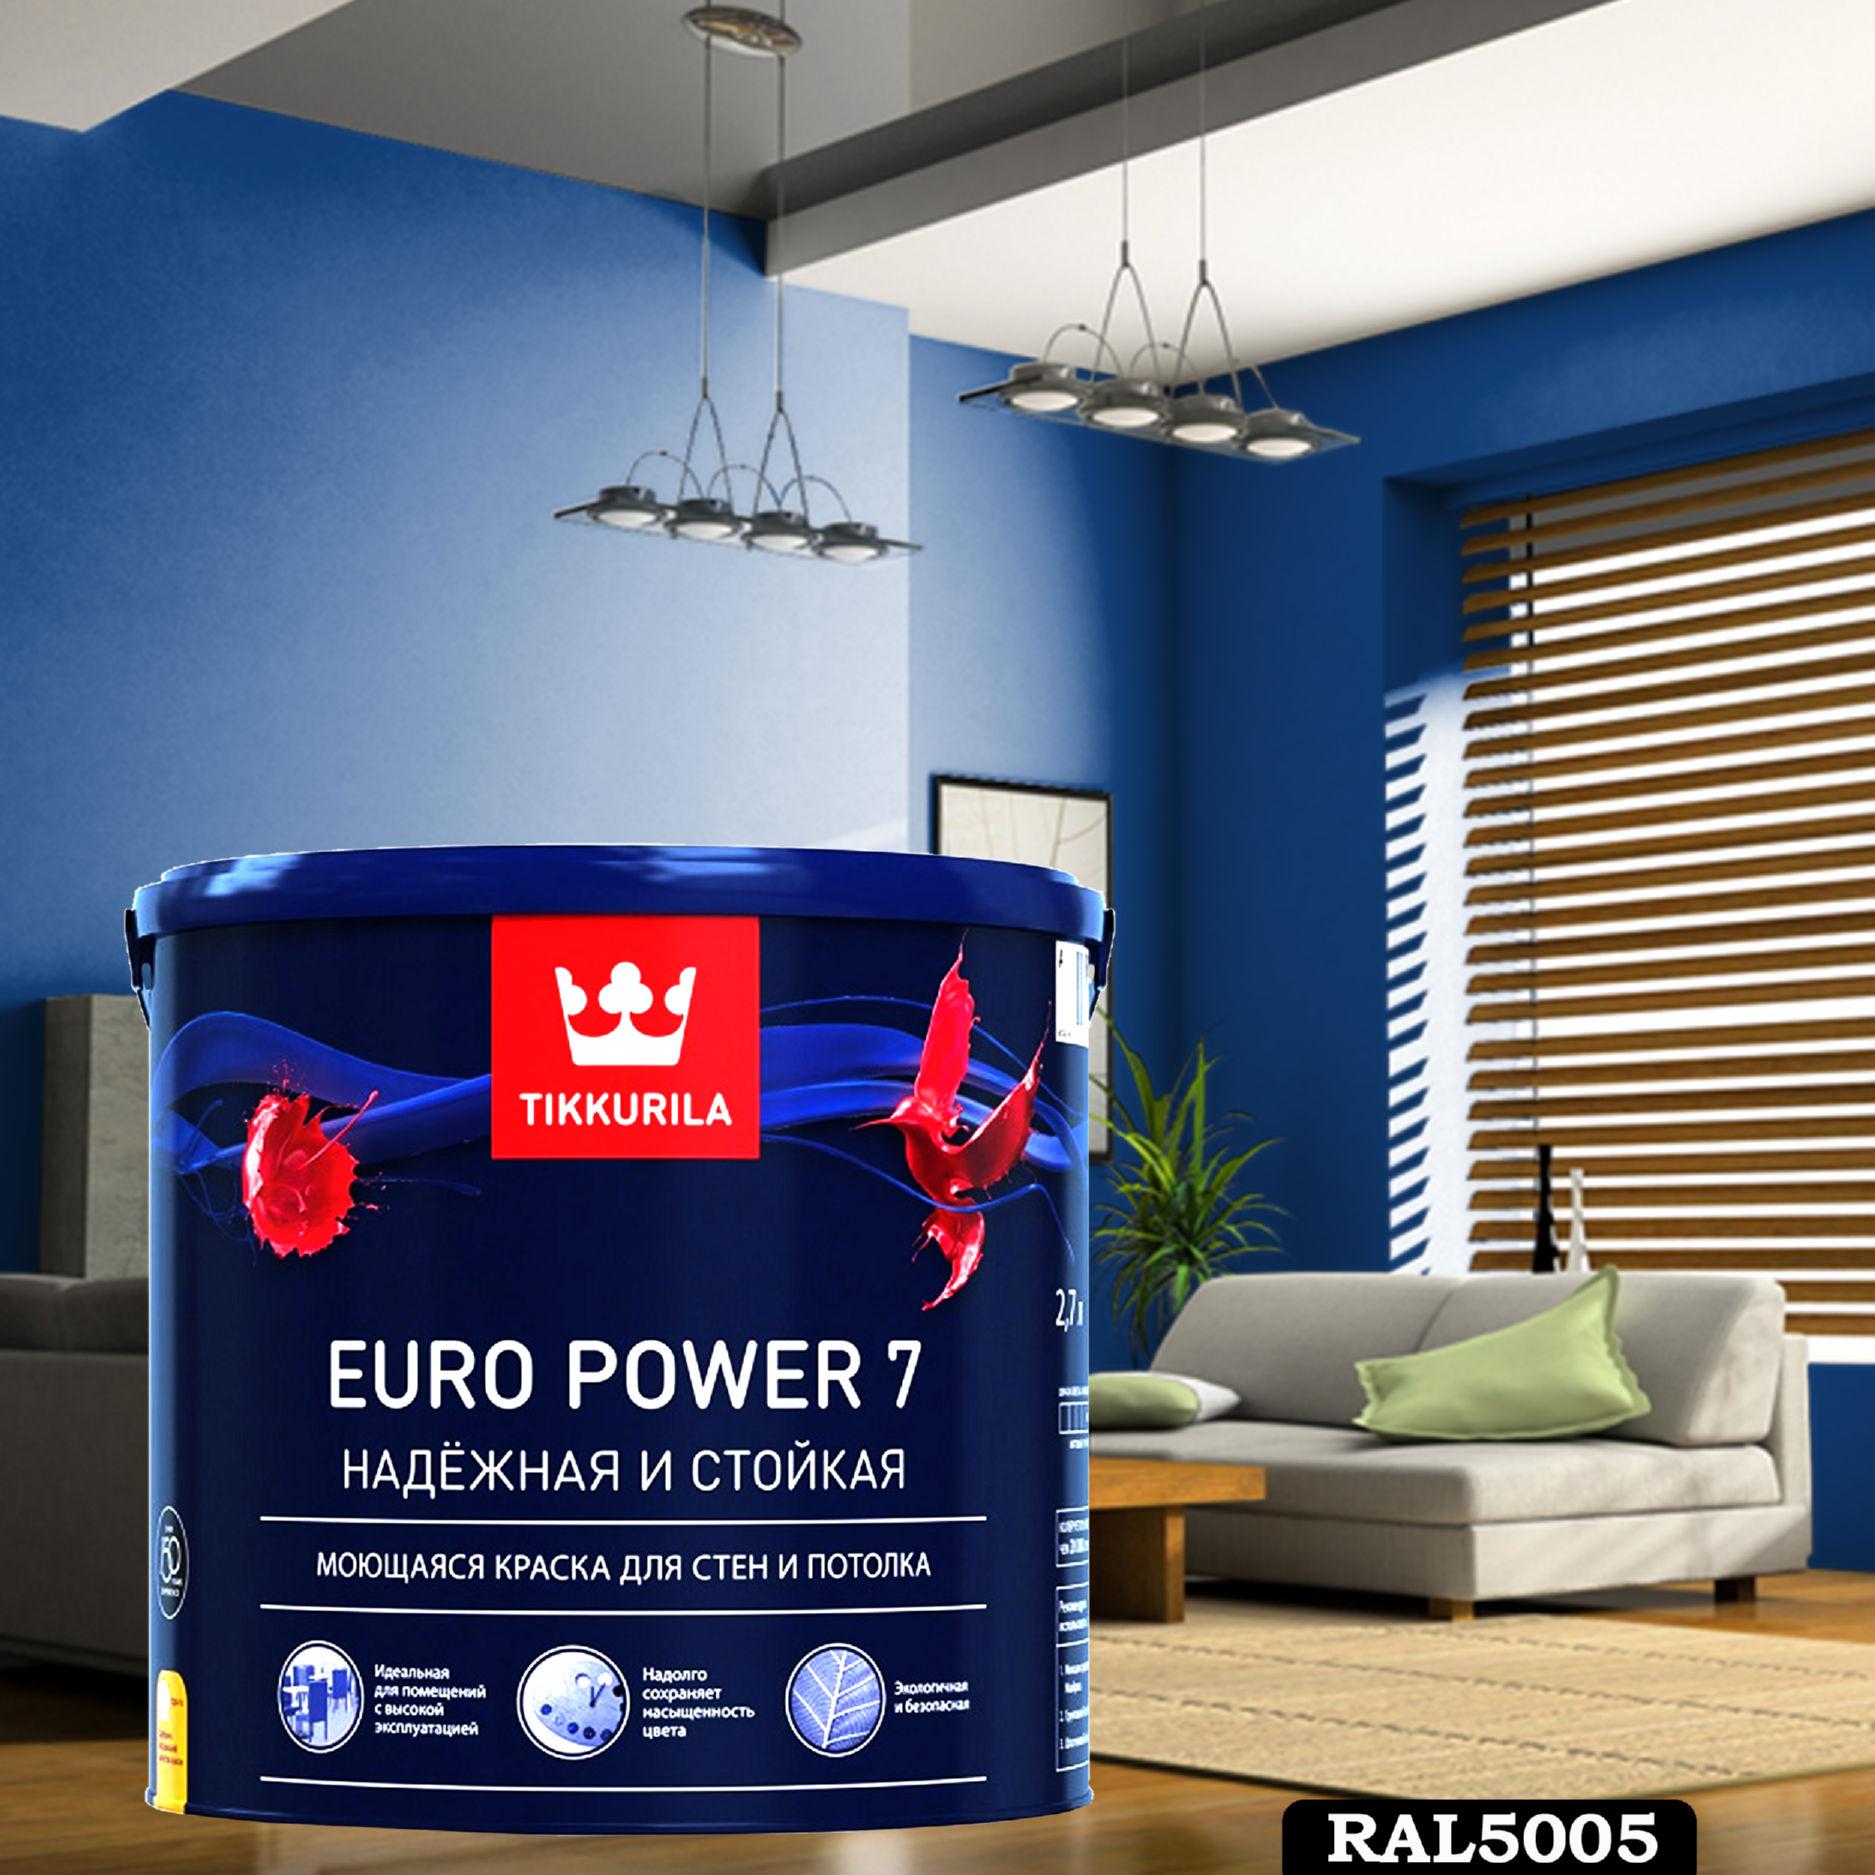 Фото 6 - Краска TIKKURILA Euro Power 7,  RAL 5005 Сигнальный-синий, латексная моющаяся матовая интерьерная, 9 л.